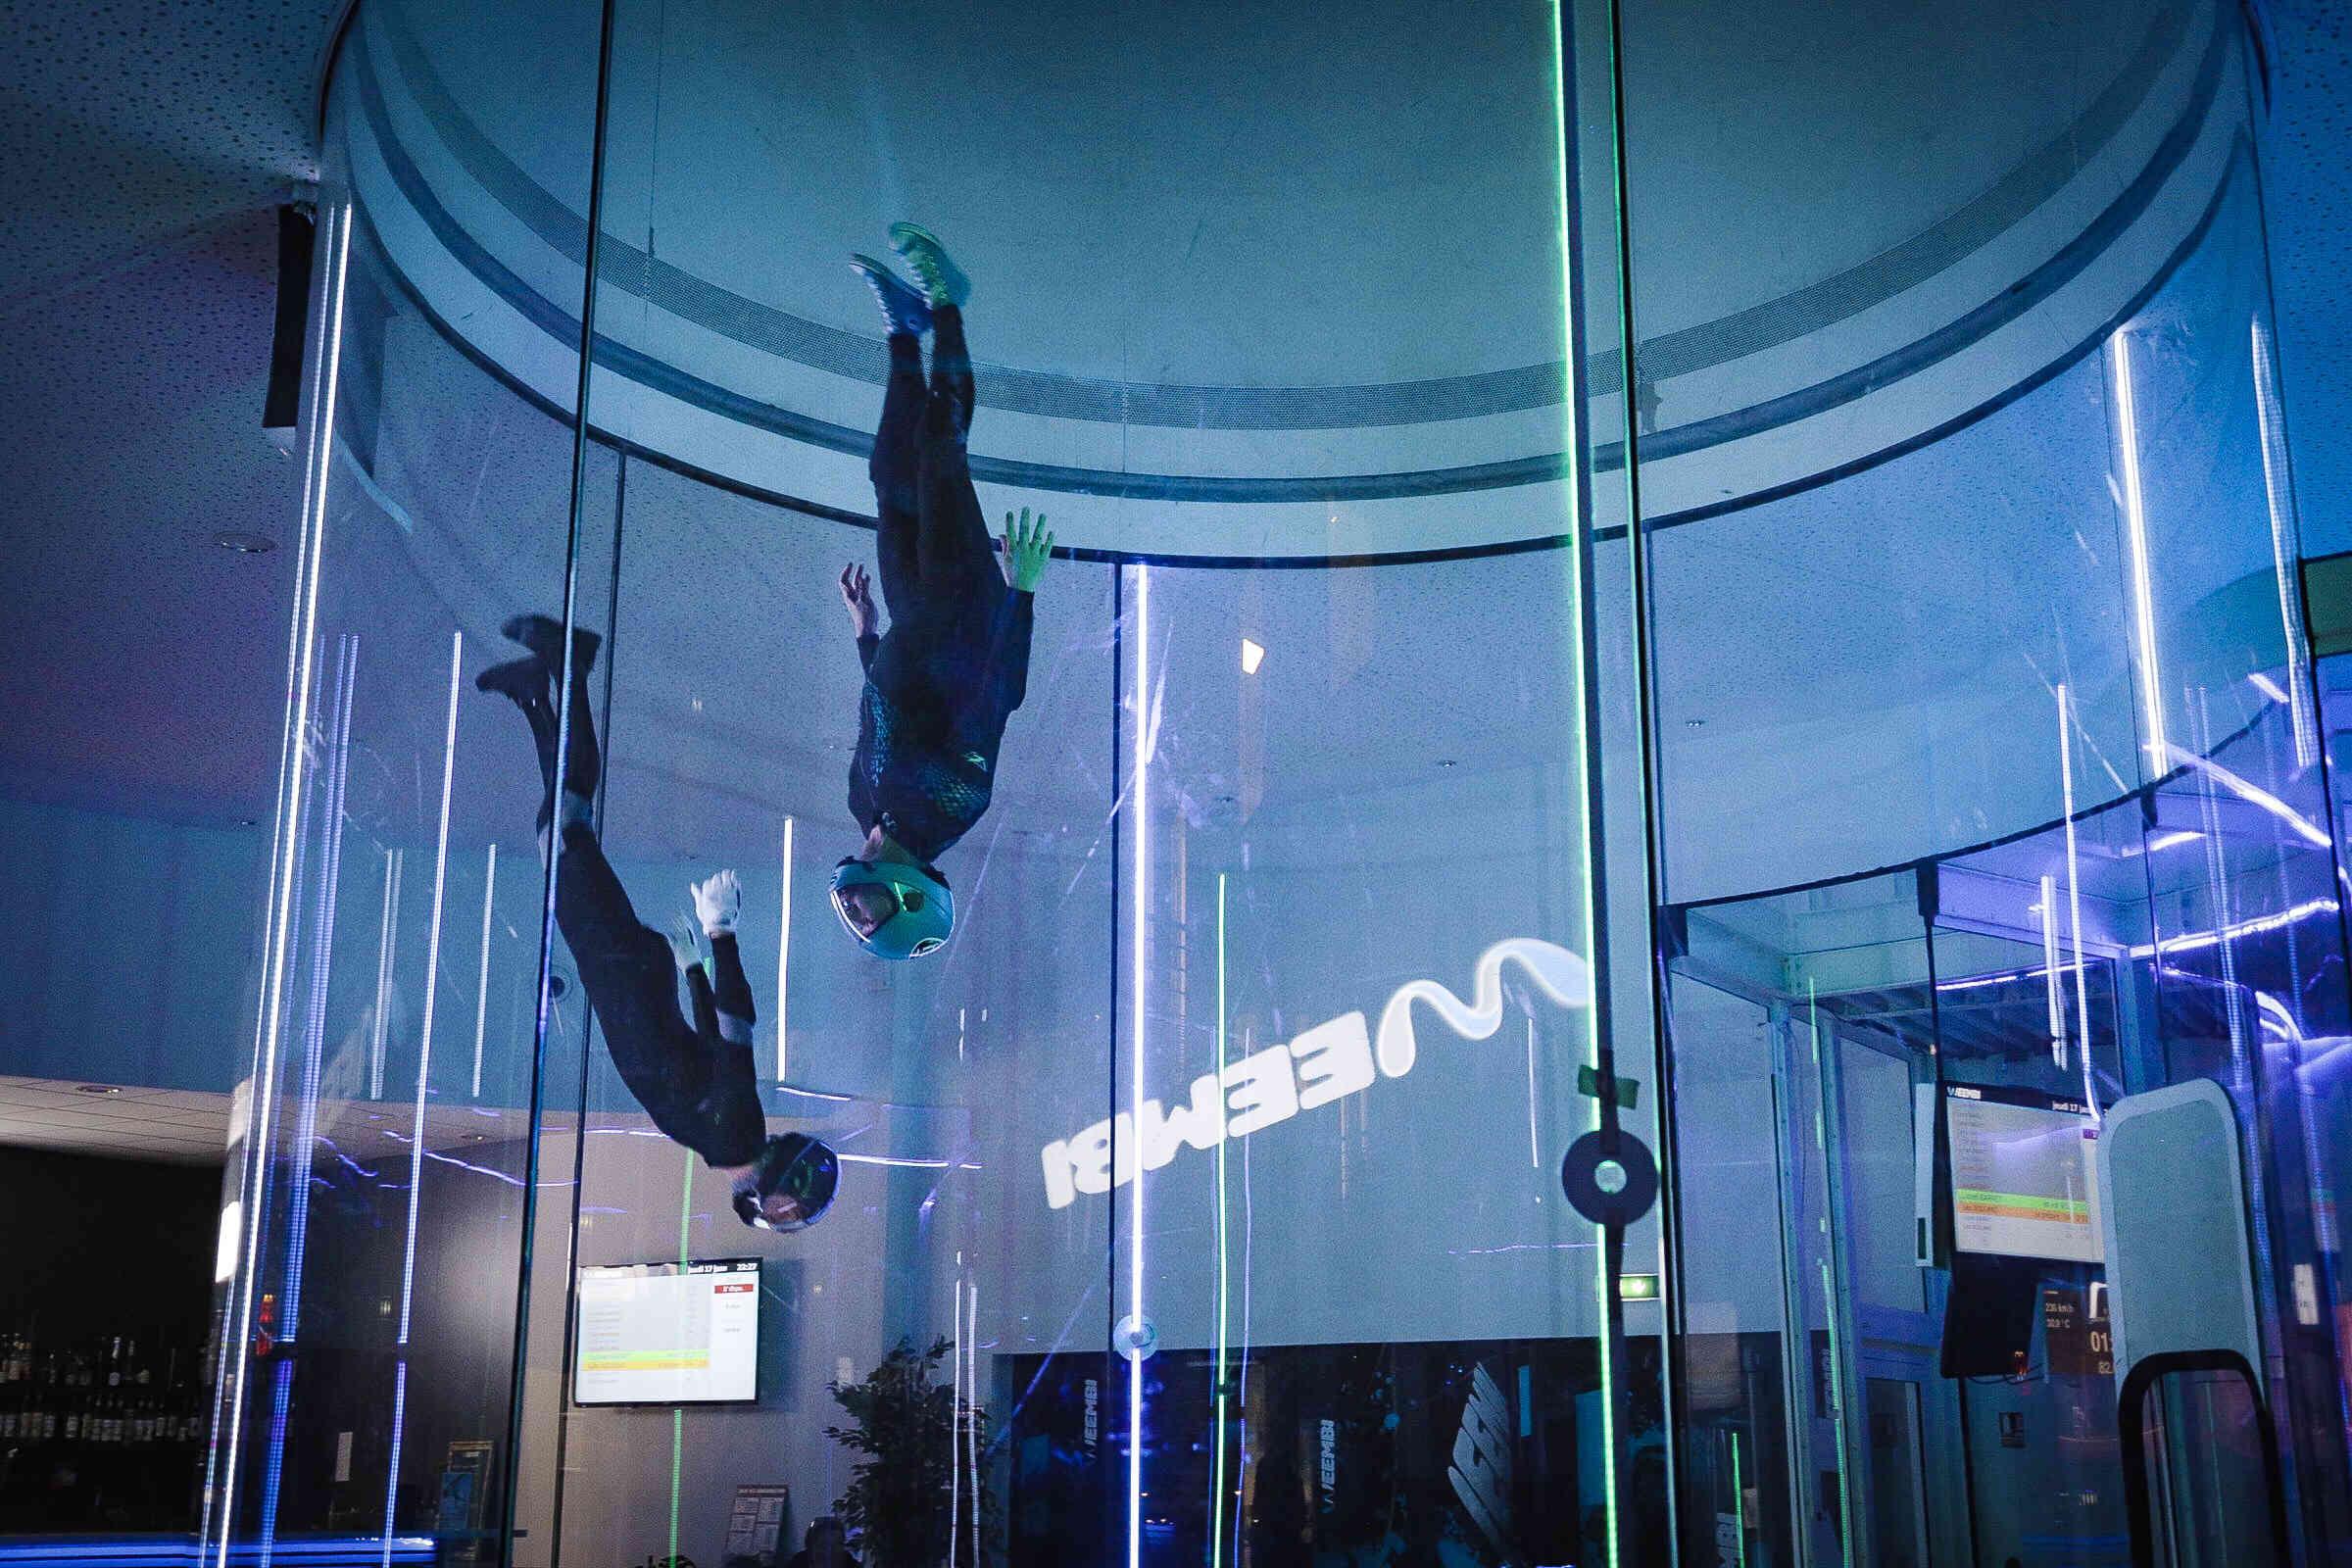 lionel instructeur en soufflerie chute libre en indoor - Brienne Aube Parachutisme centre de saut en parachute proche de Paris